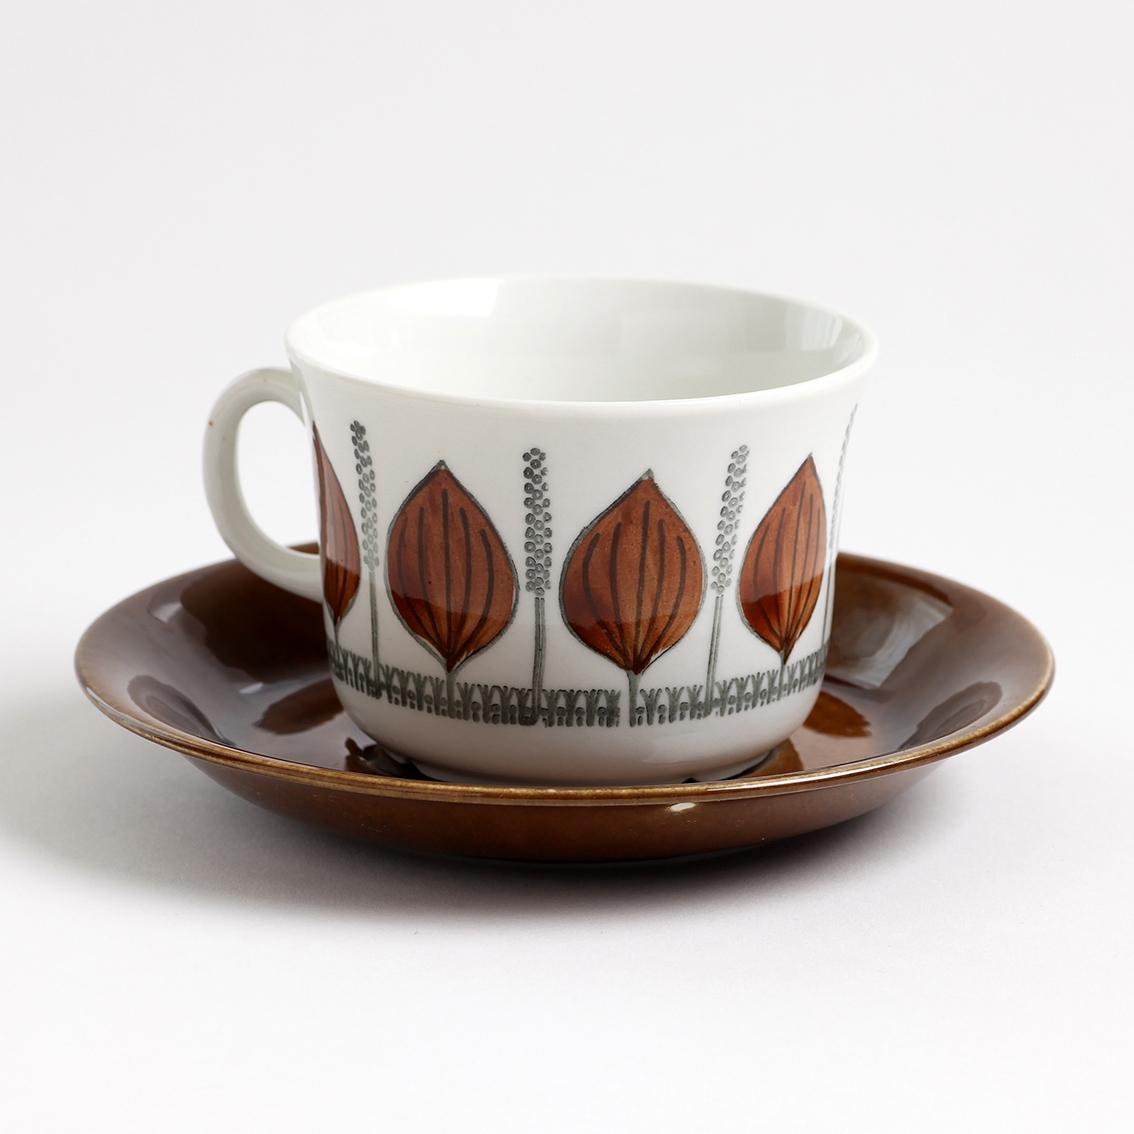 GEFLE ゲフレ Groblad グロブラッド ティーカップ&ソーサー - 1 北欧ヴィンテージ